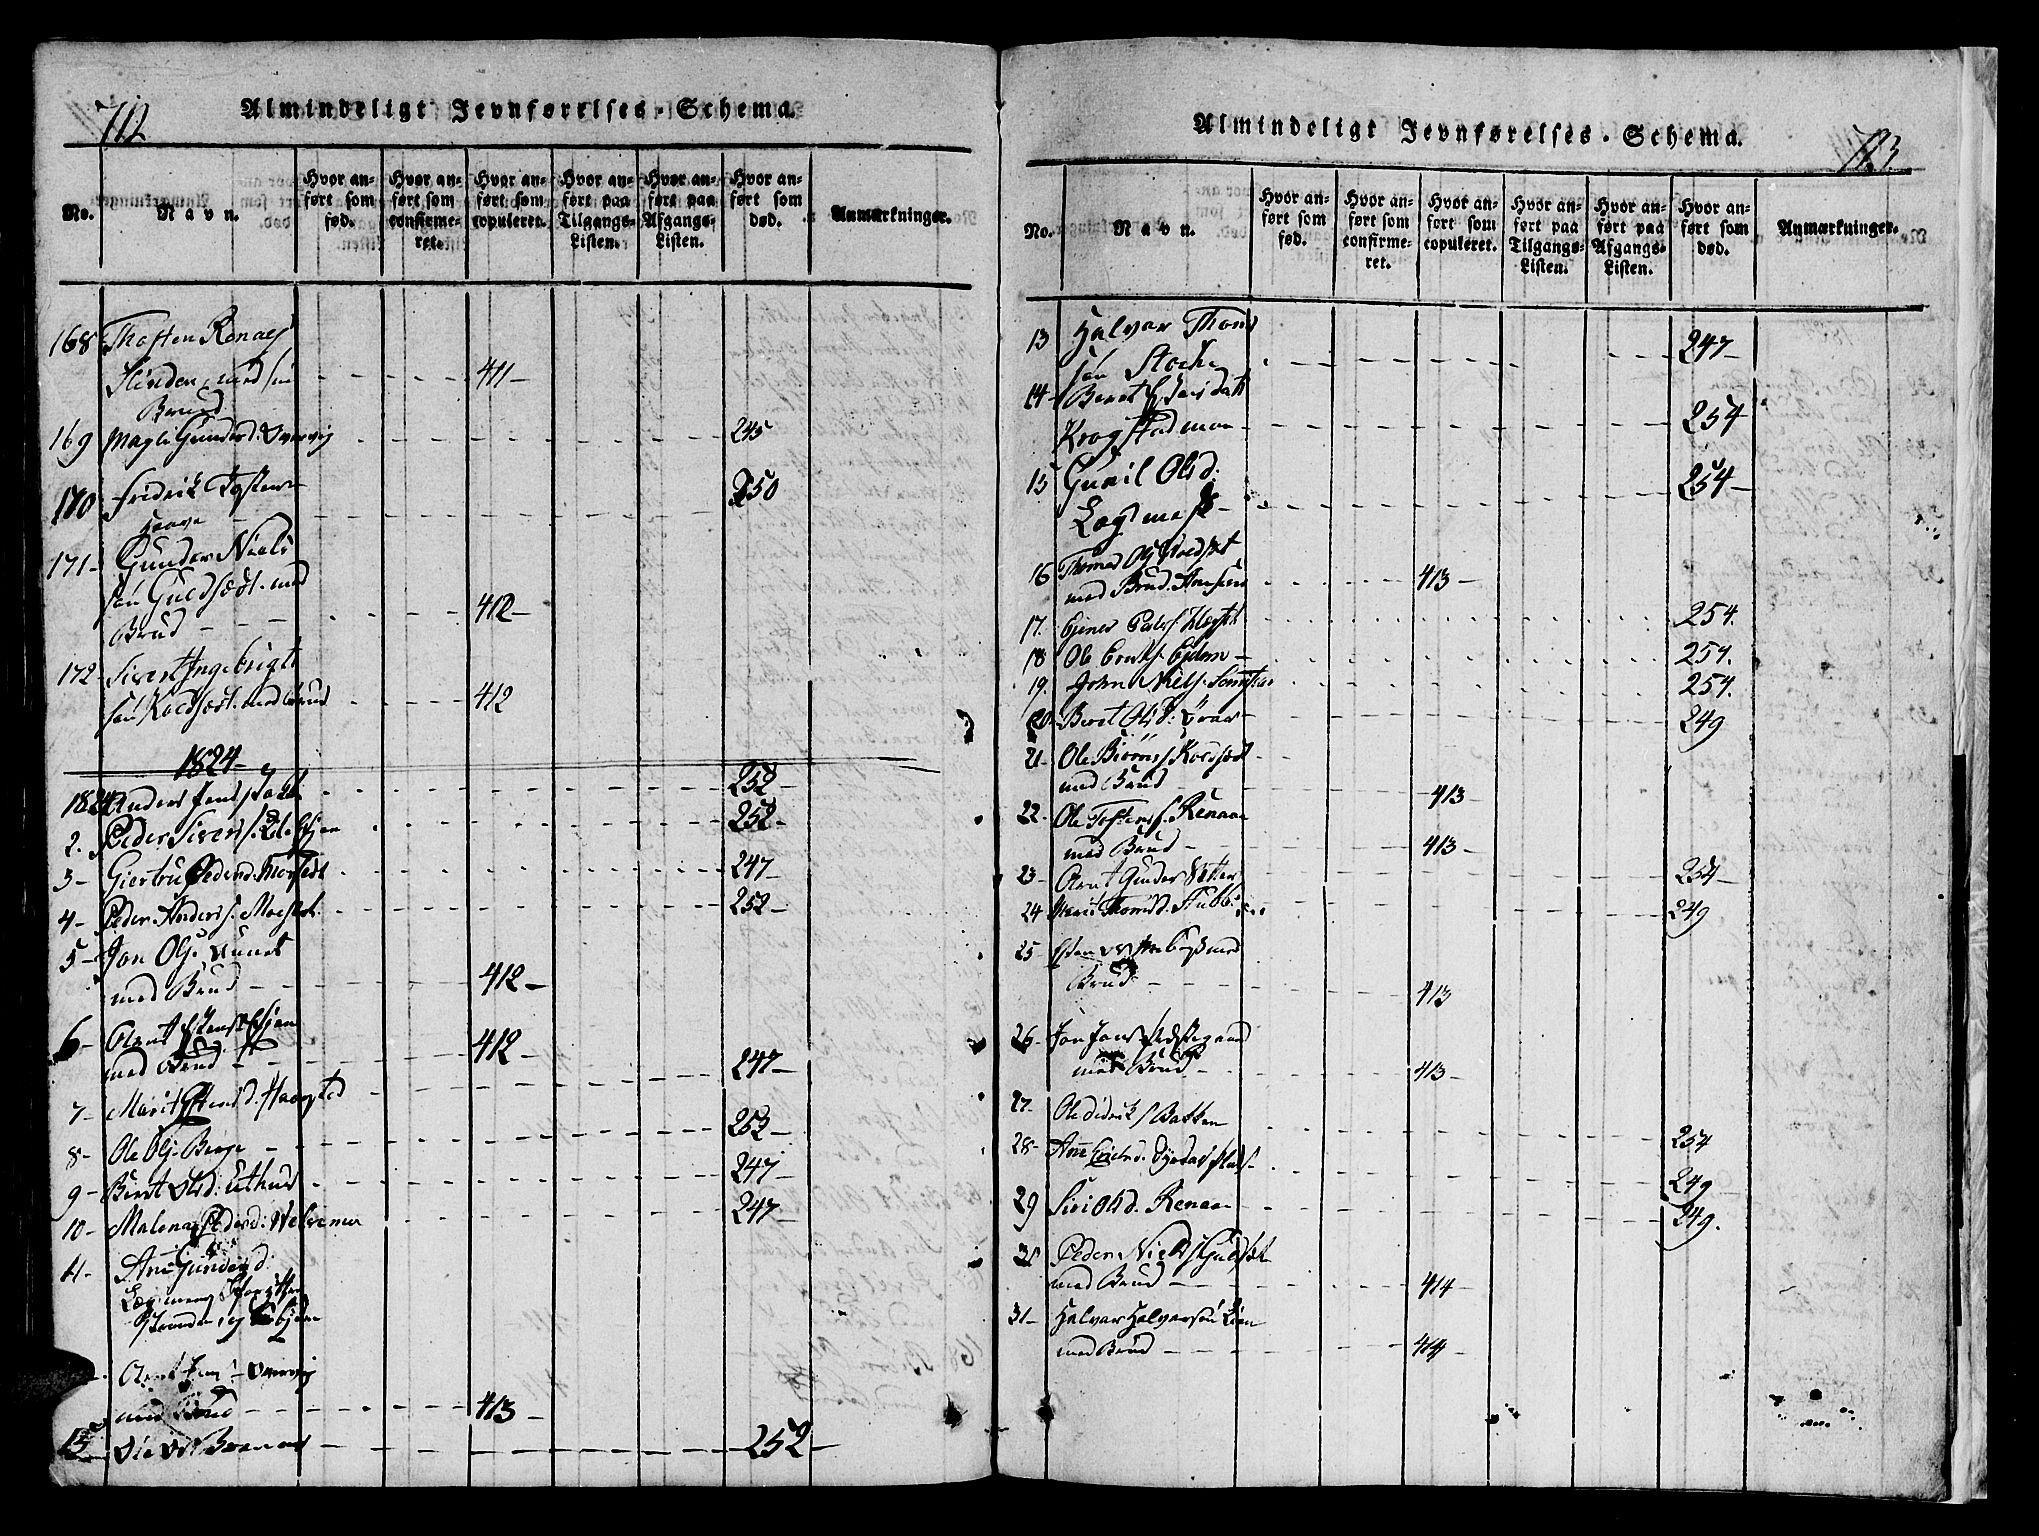 SAT, Ministerialprotokoller, klokkerbøker og fødselsregistre - Sør-Trøndelag, 695/L1152: Klokkerbok nr. 695C03, 1816-1831, s. 712-713